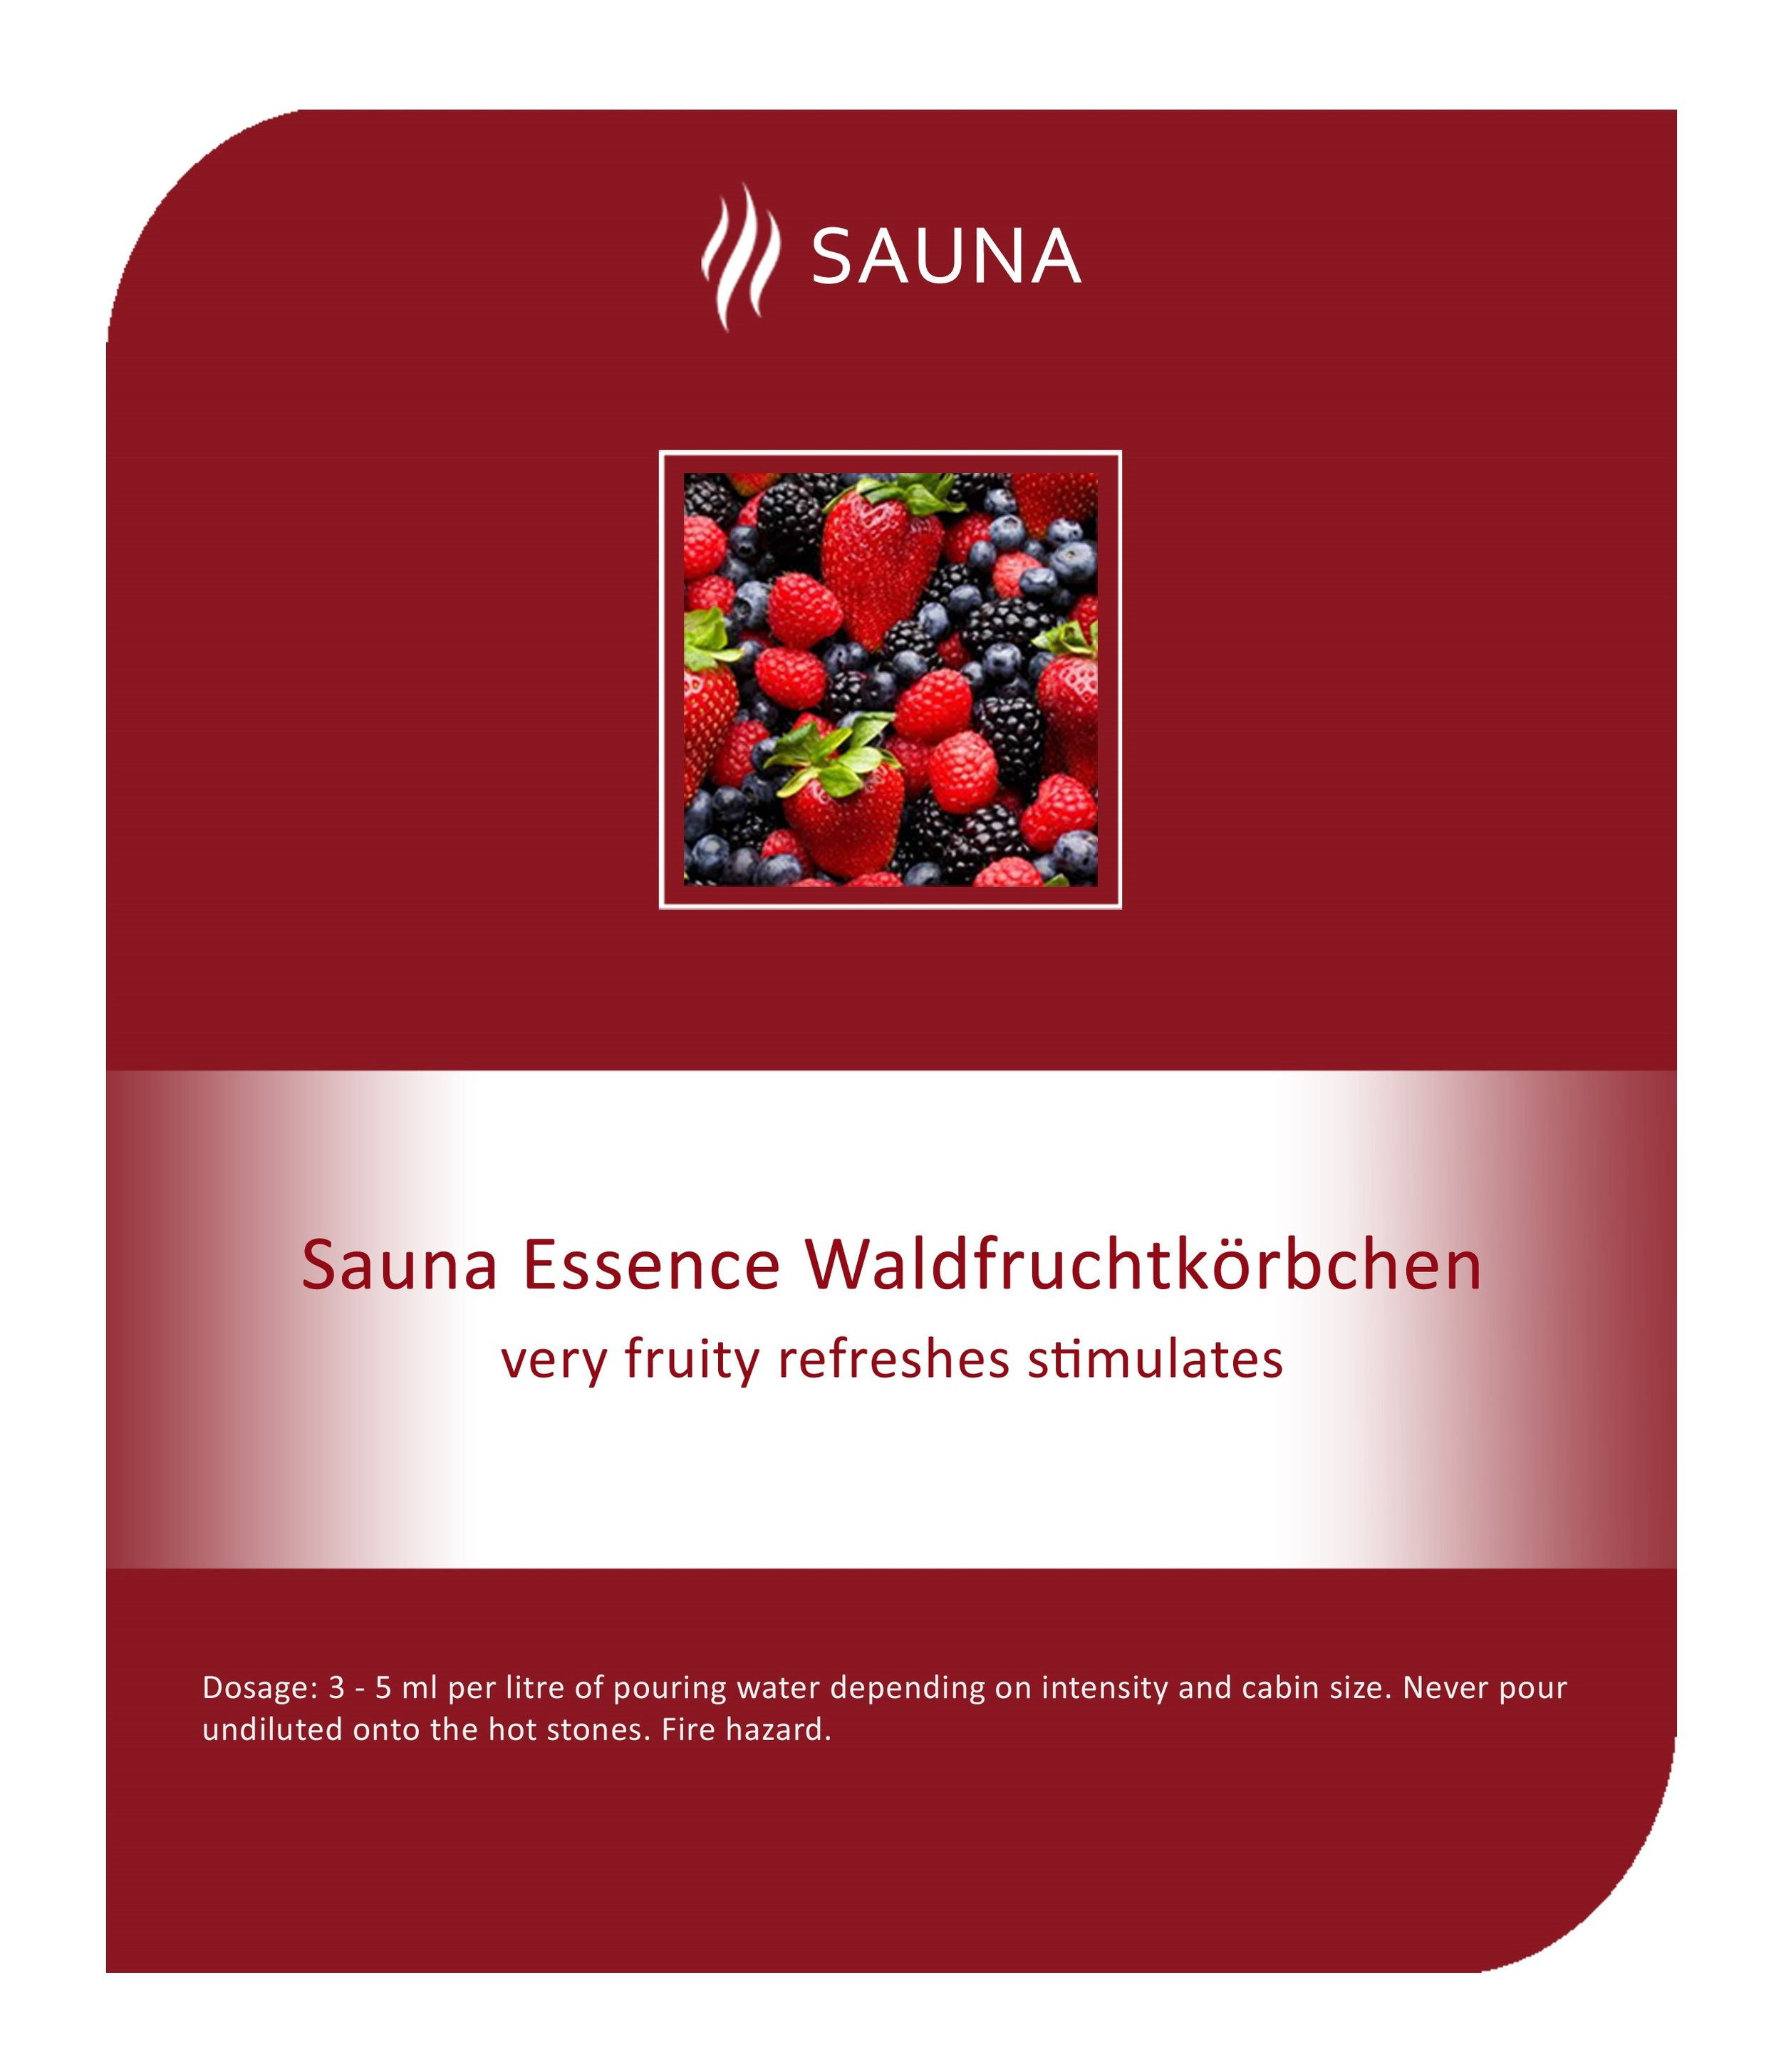 13,9 x 9,9 cm - Sauna essence waldfruchtk_rbchen.jpg